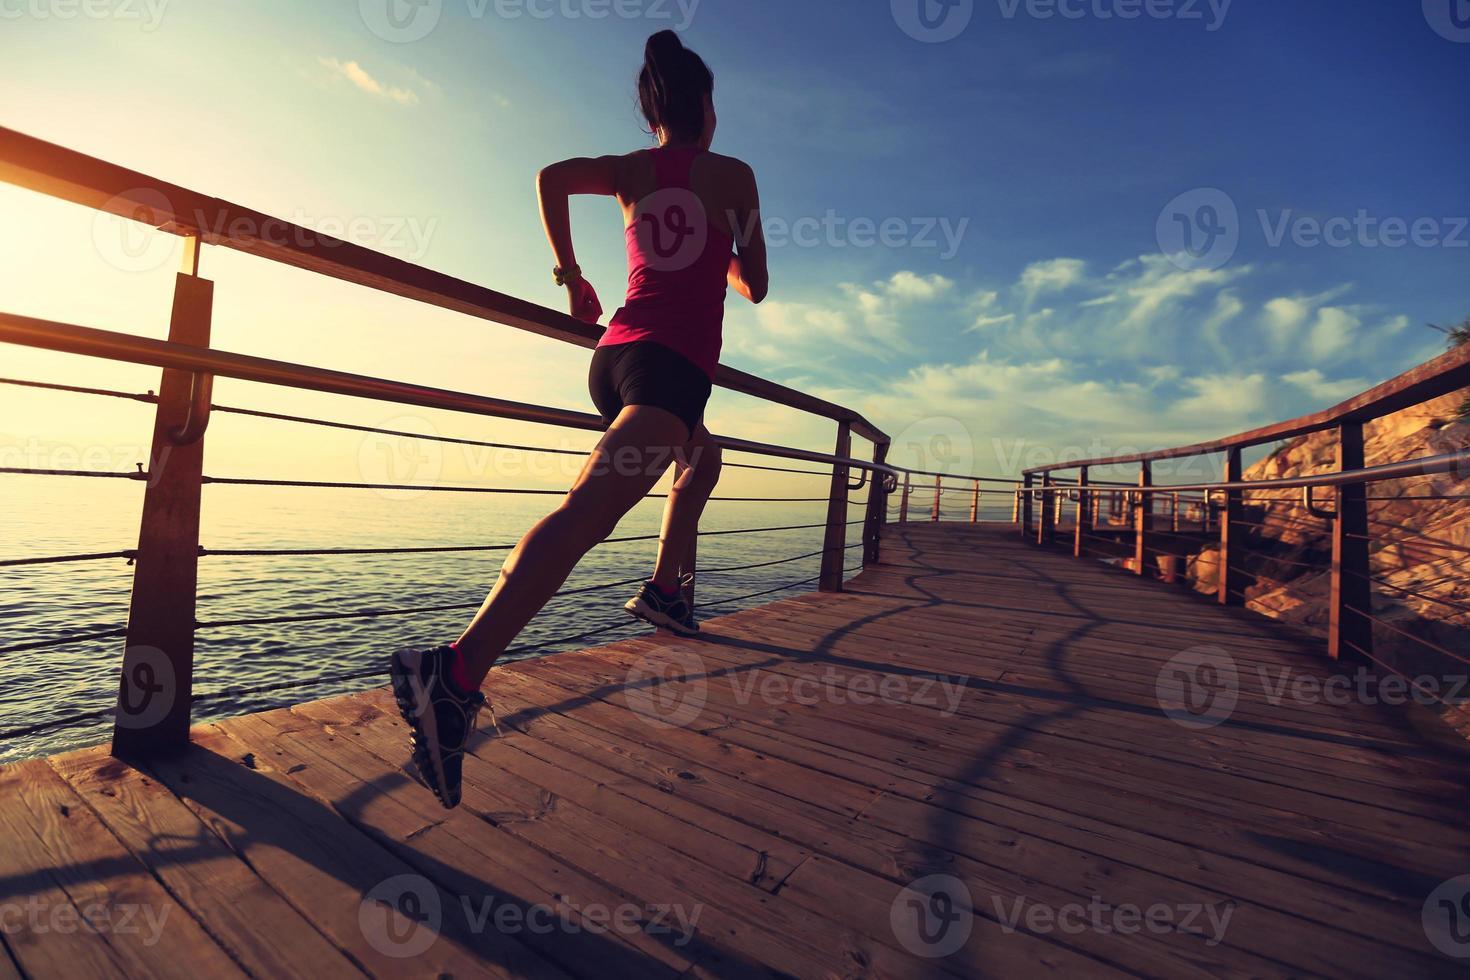 jeune, fitness, femme, jambes, courant, bord mer, bois, promenade photo